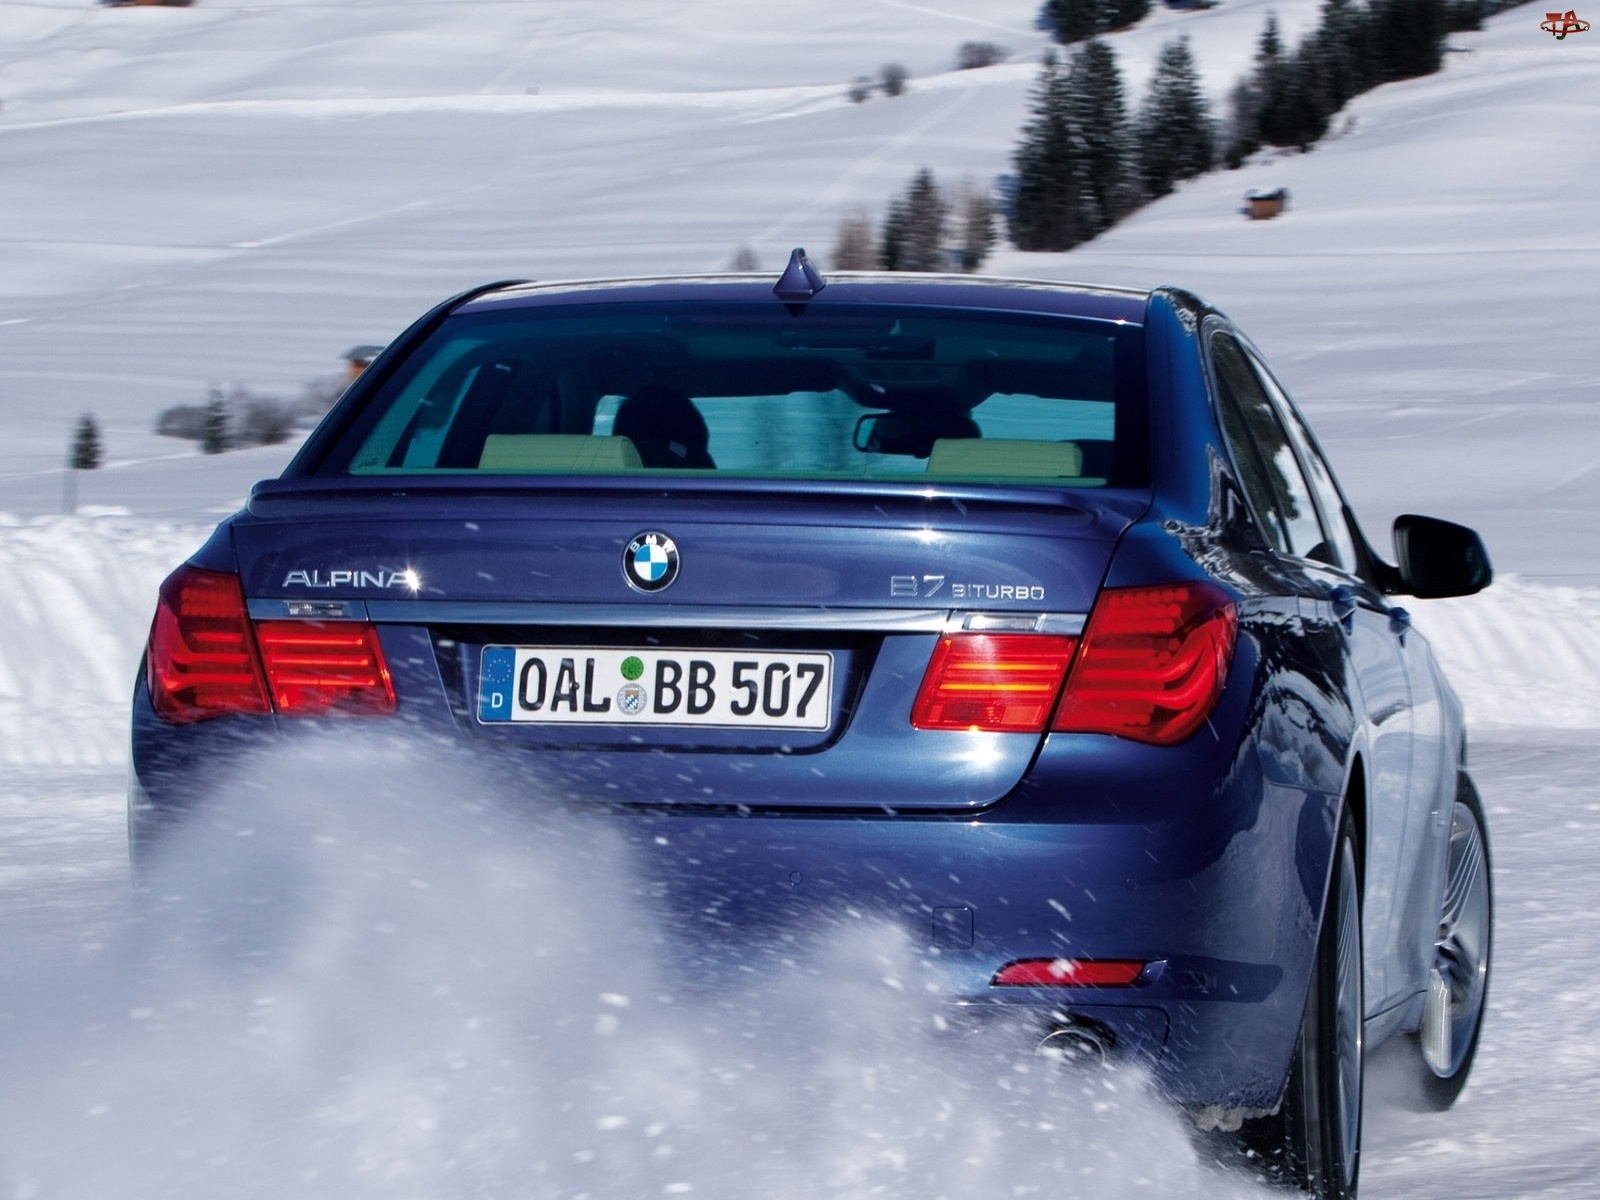 BMW, Tuning, B7, Alpina